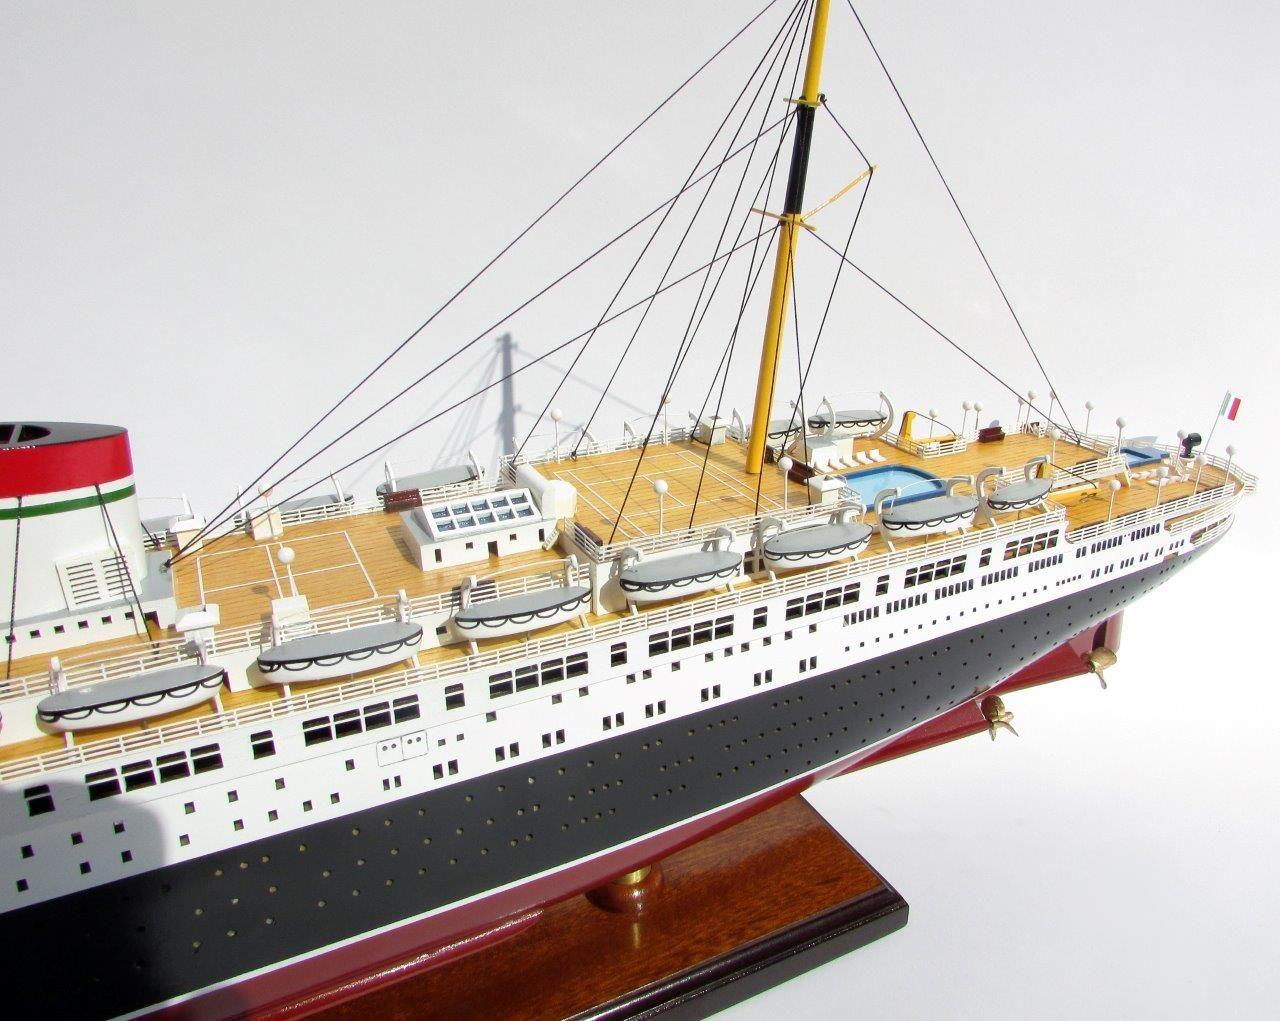 2047-12093-SS-Rex-model-boat